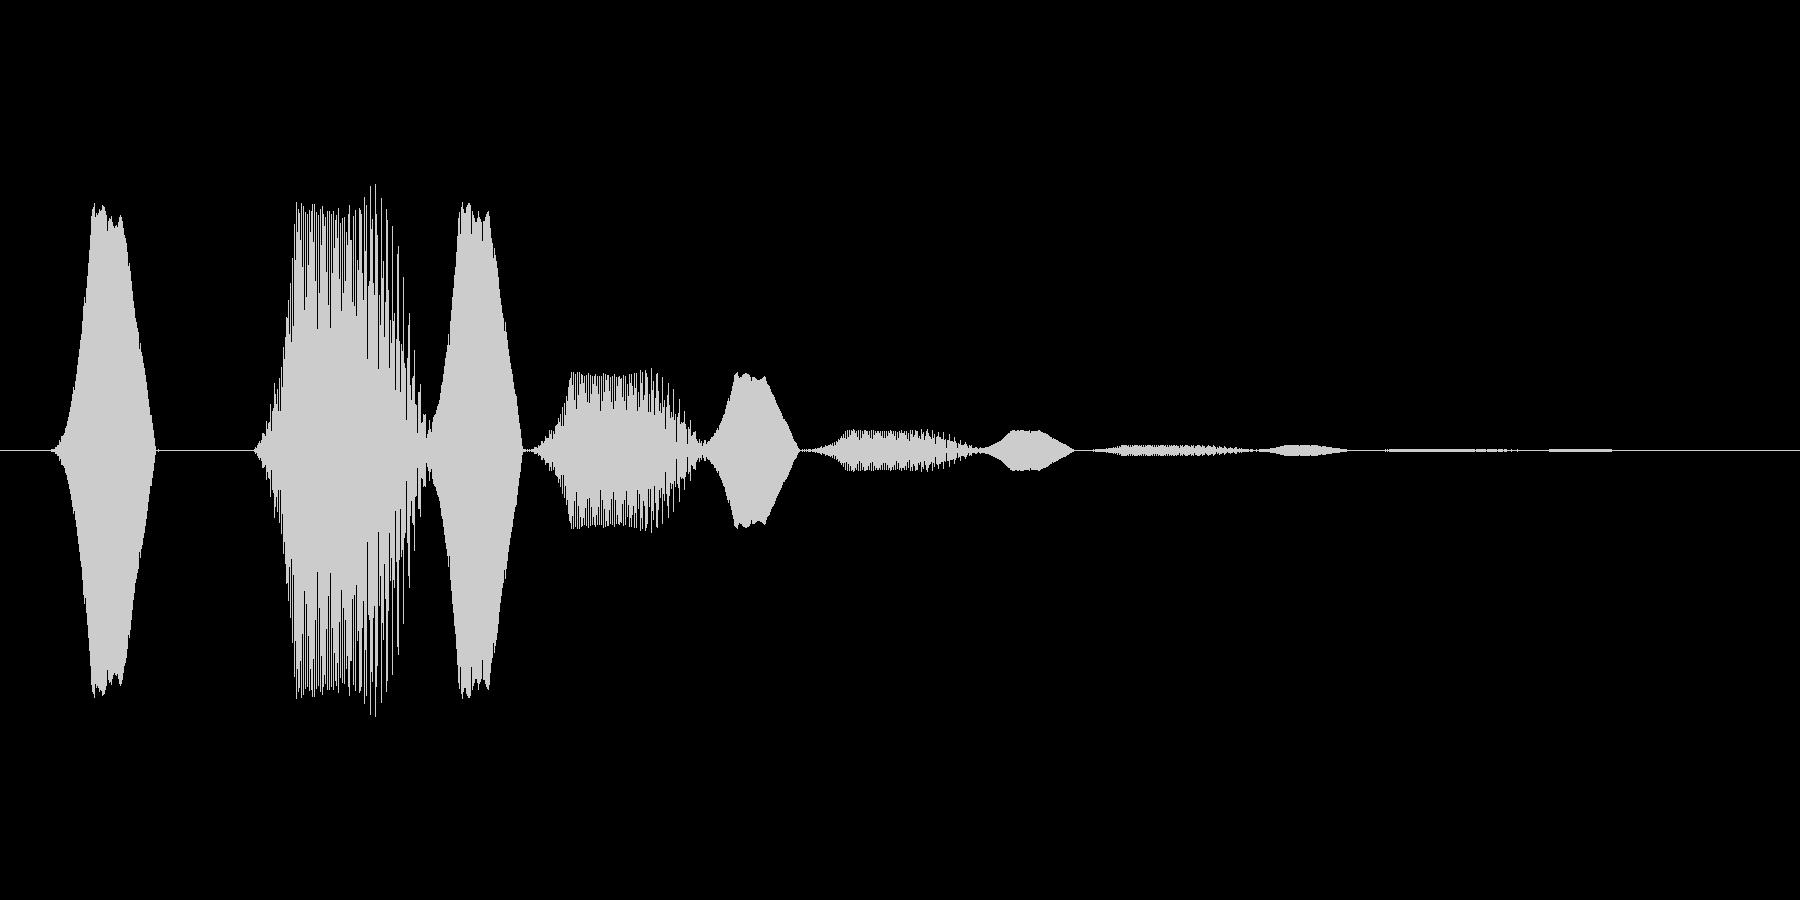 ファミコン風効果音 決定音系です 33の未再生の波形